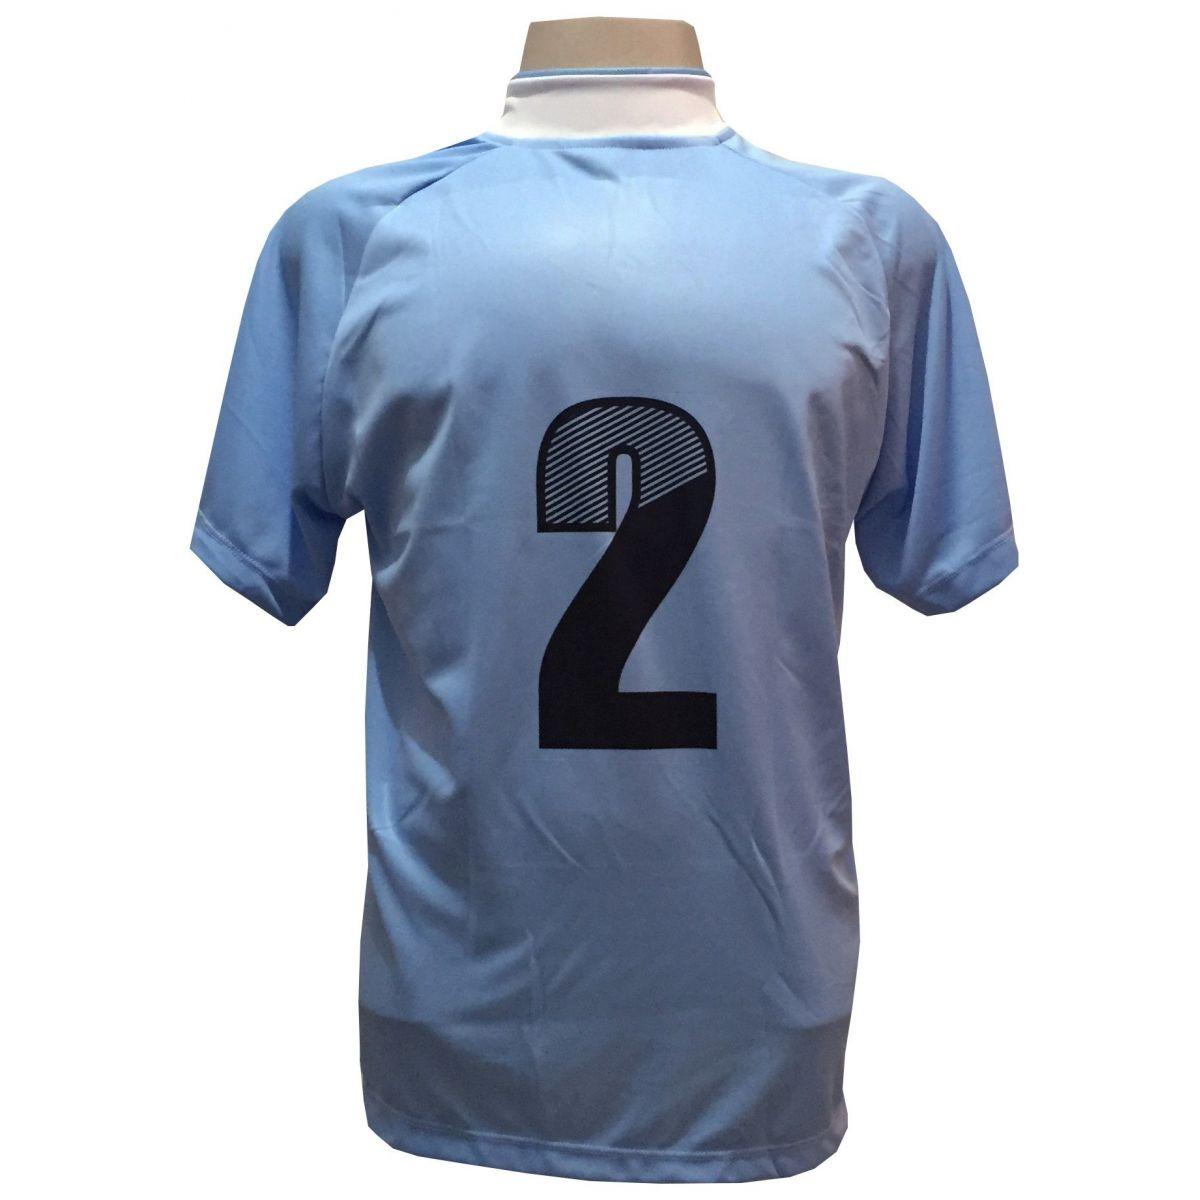 Uniforme Esportivo com 18 camisas modelo Milan Celeste/Branco + 18 calções modelo Madrid + 1 Goleiro + Brindes